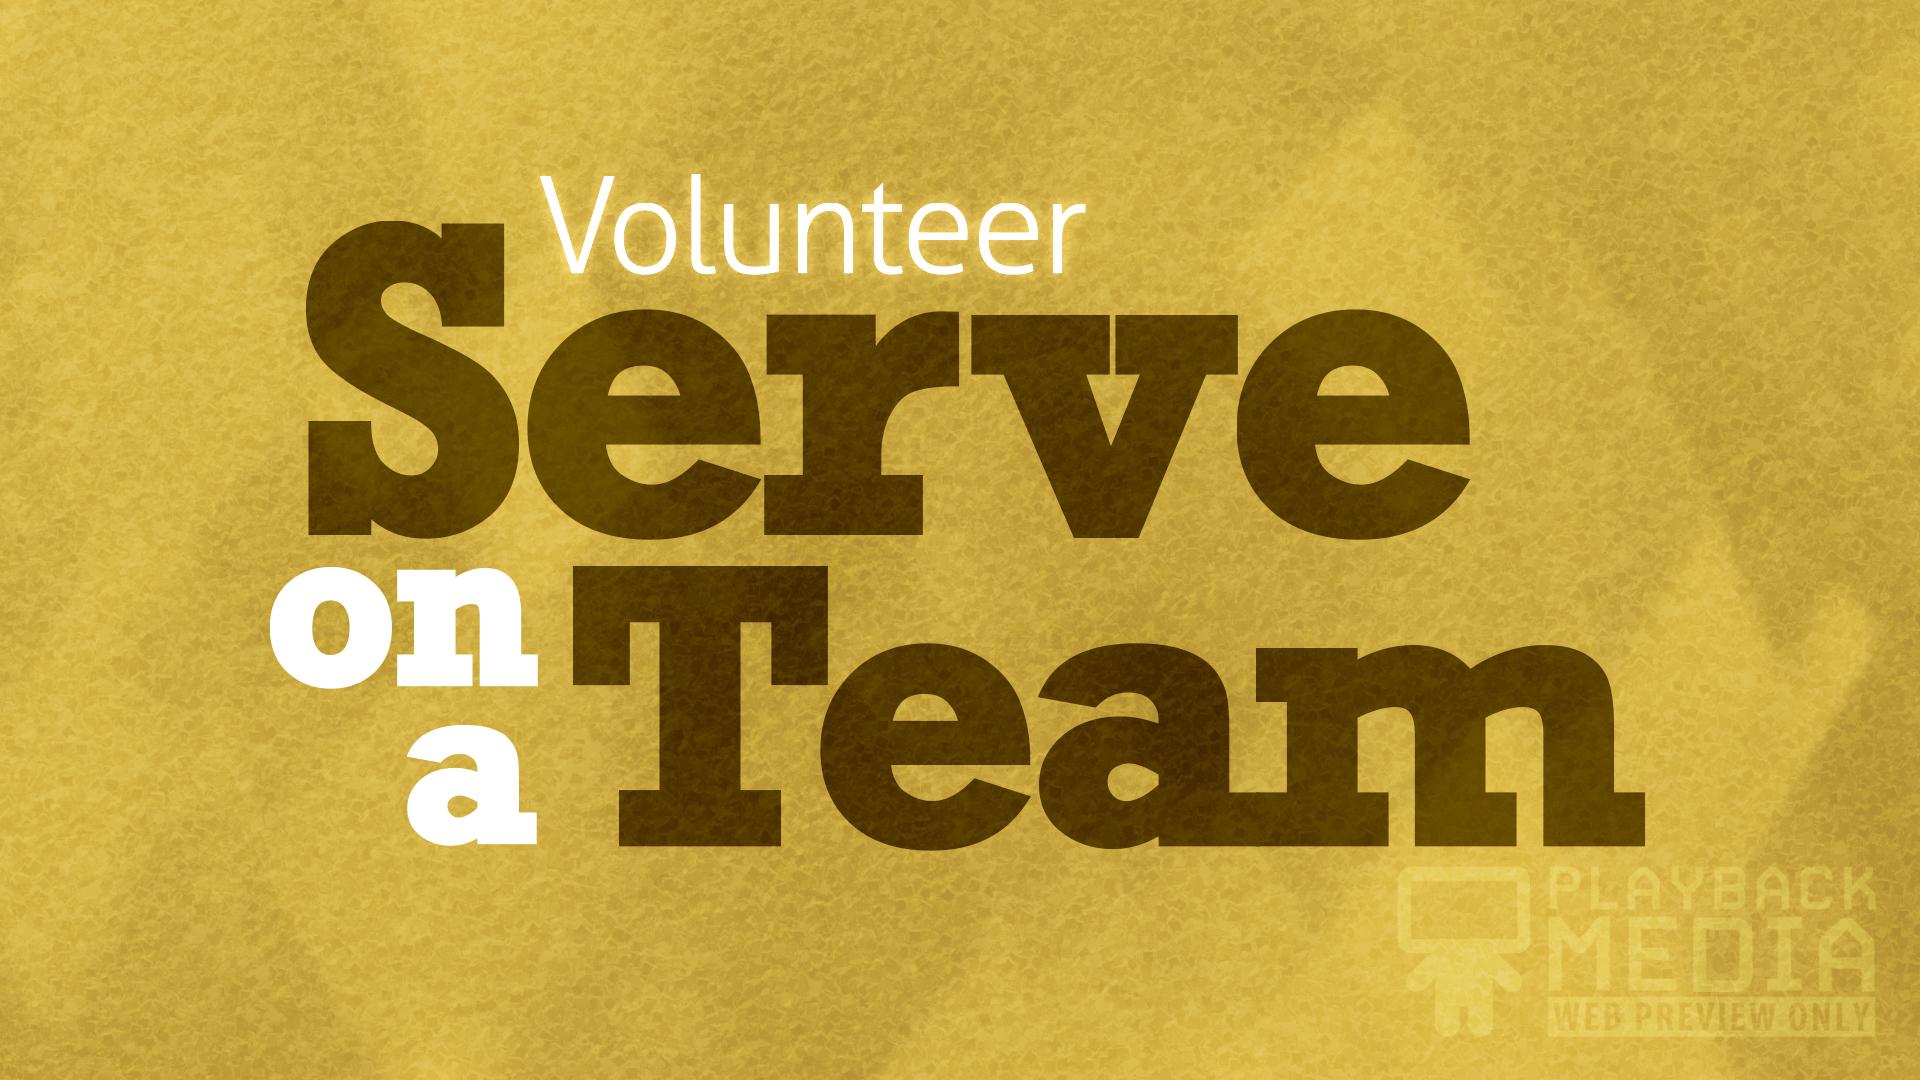 bold impression volunteer motion background